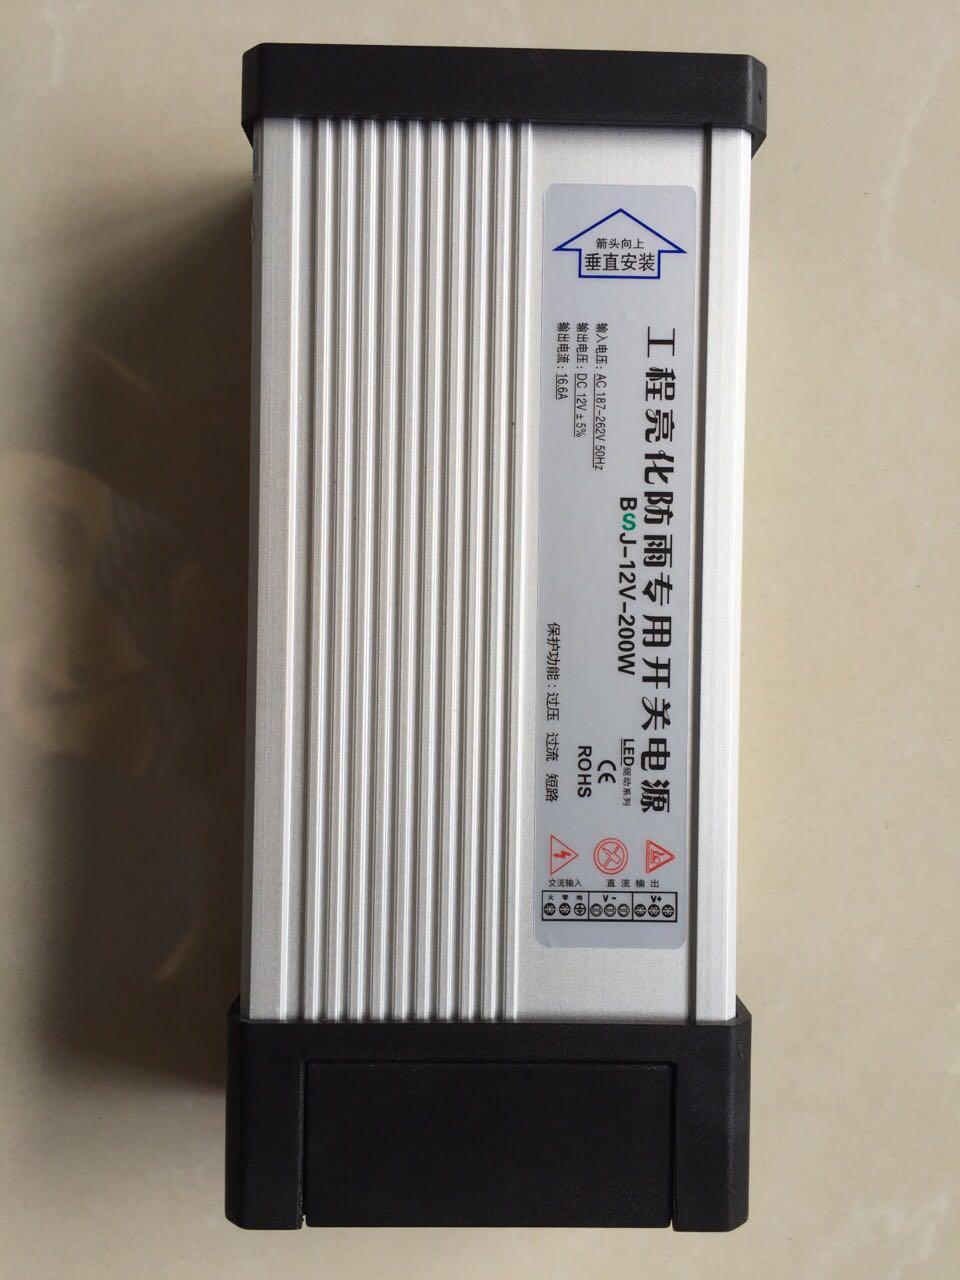 来自黃国记发布的供应信息:... - 深圳市博胜杰科技有限公司